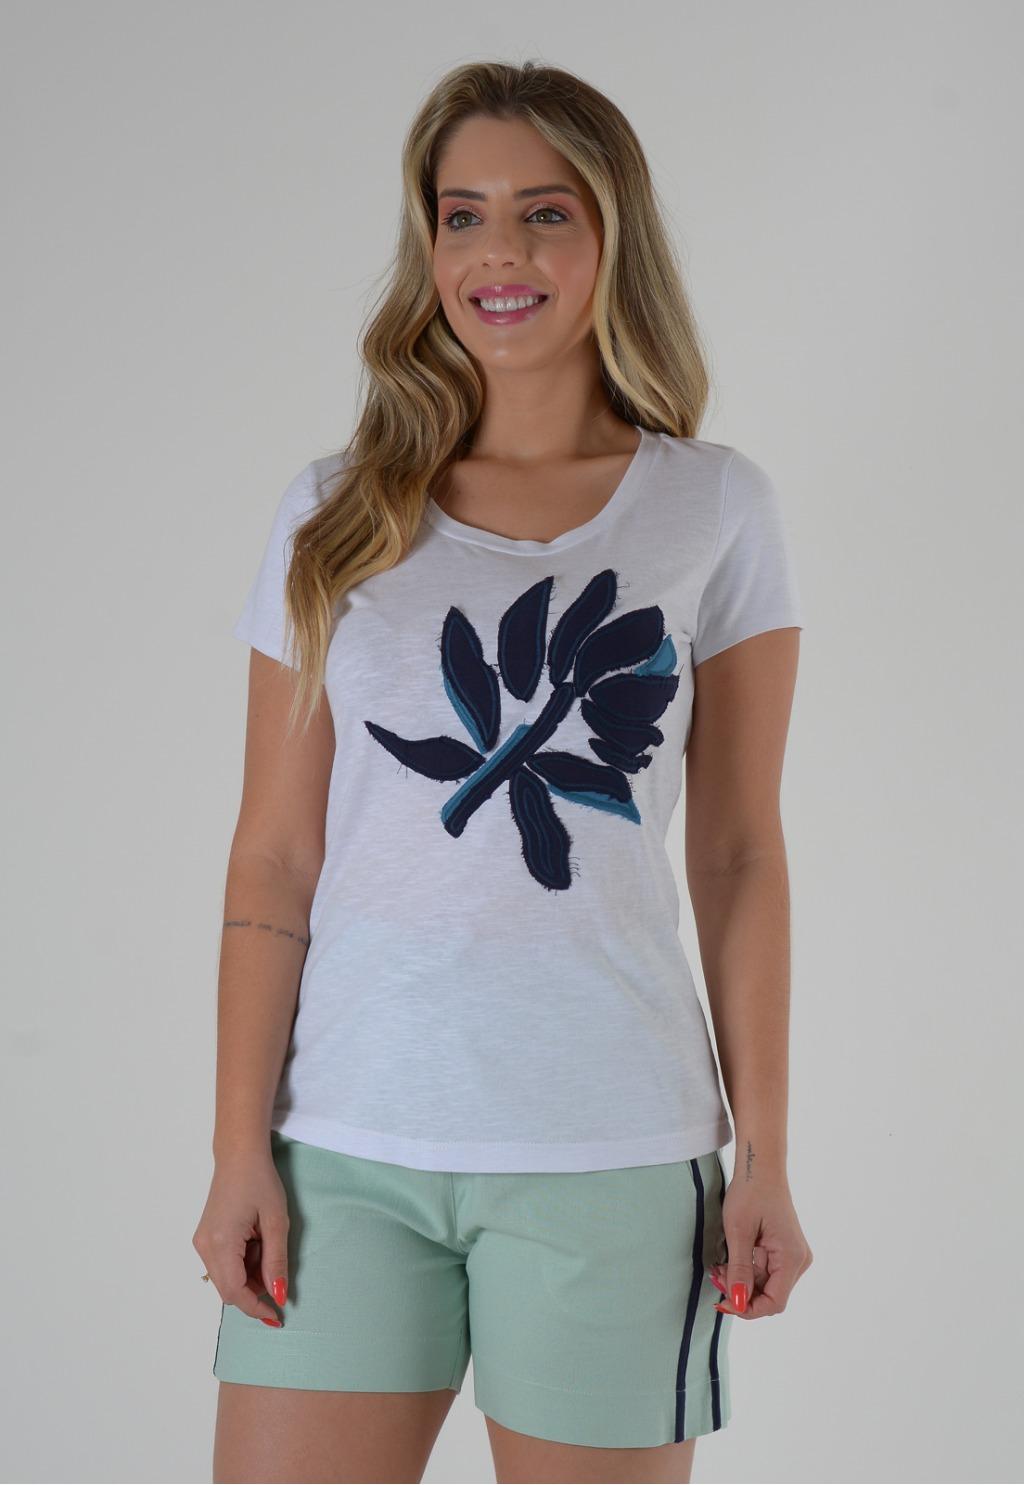 Blusa Mamorena t-shirt com bordado bicolor